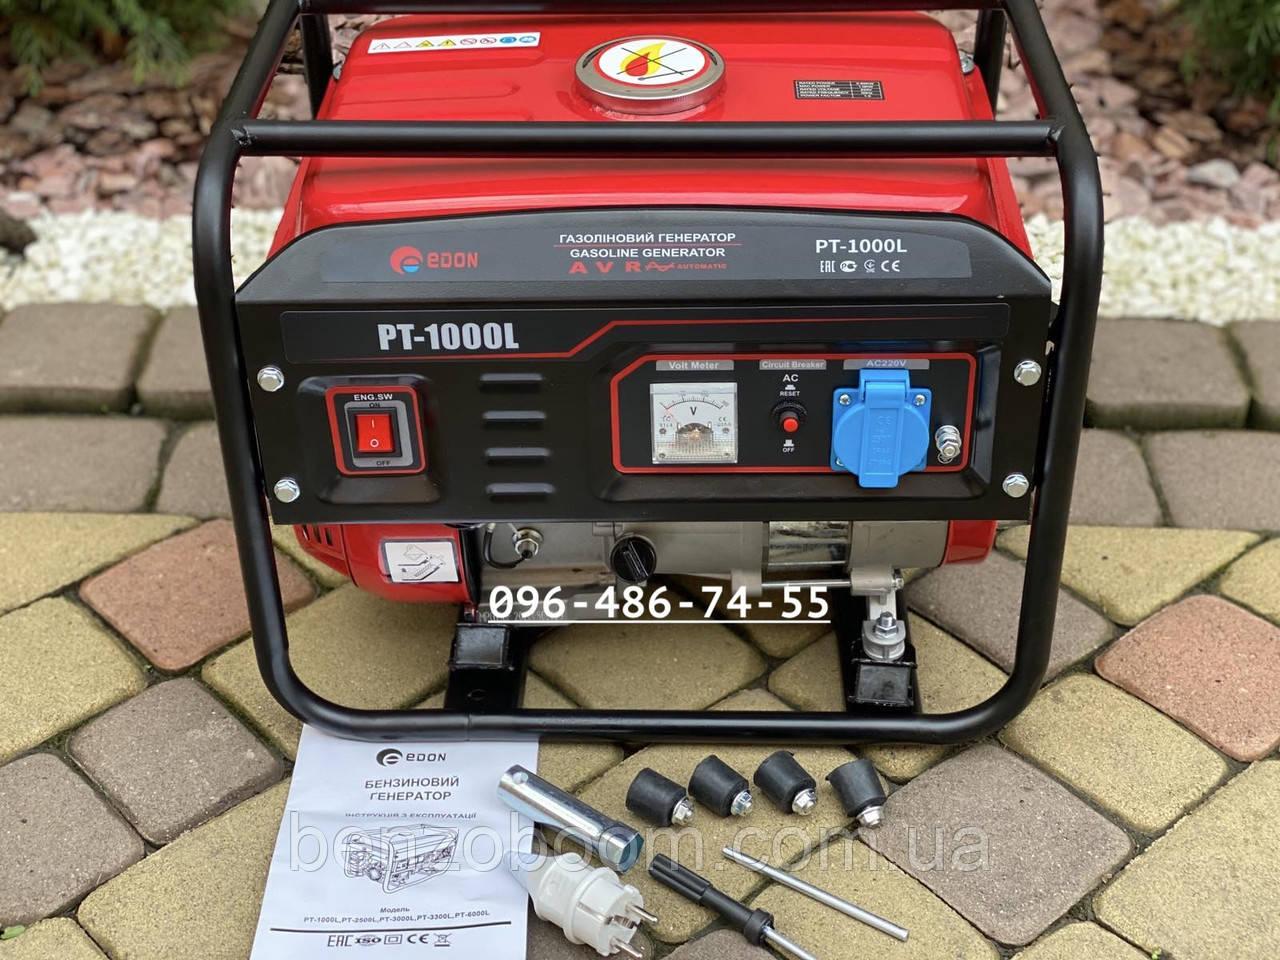 Генератор бензиновый Edon PT1000L медная обмотка электрогенератор 1кВт